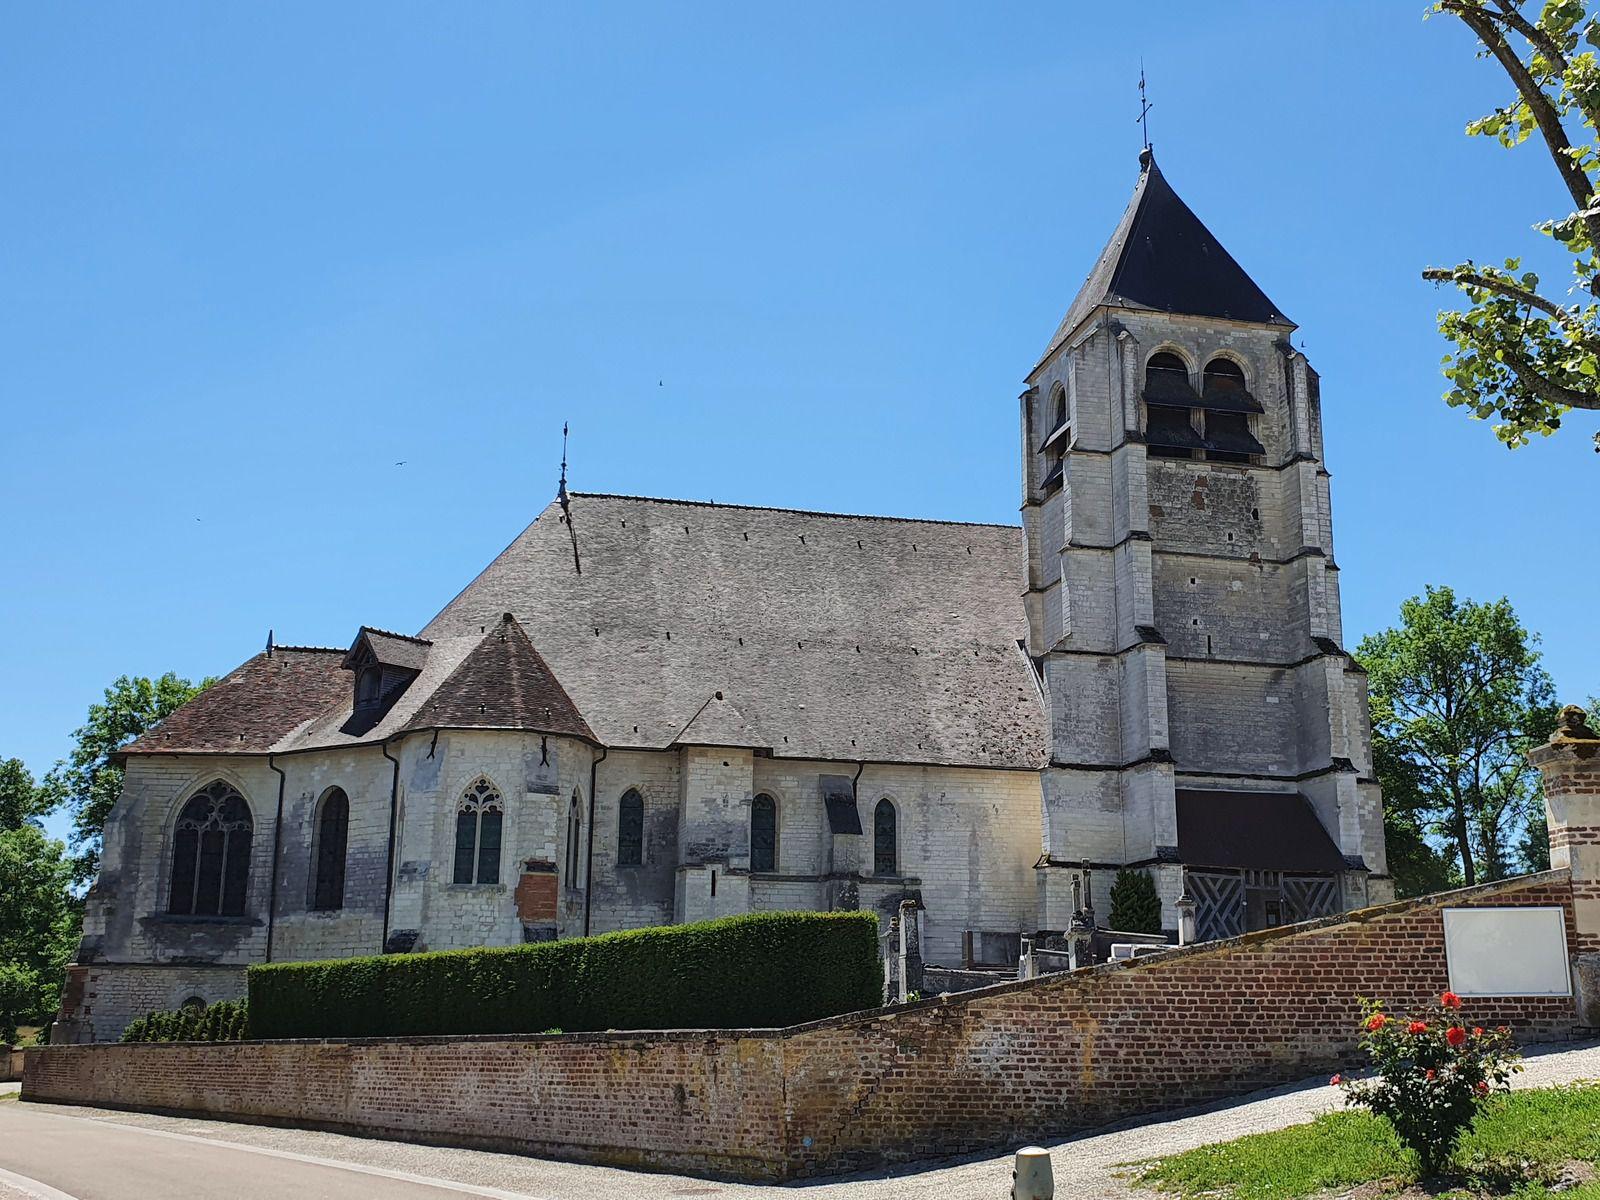 Église de l'Assomption-de-la-Vierge, à Rosnay-l'Hôpital